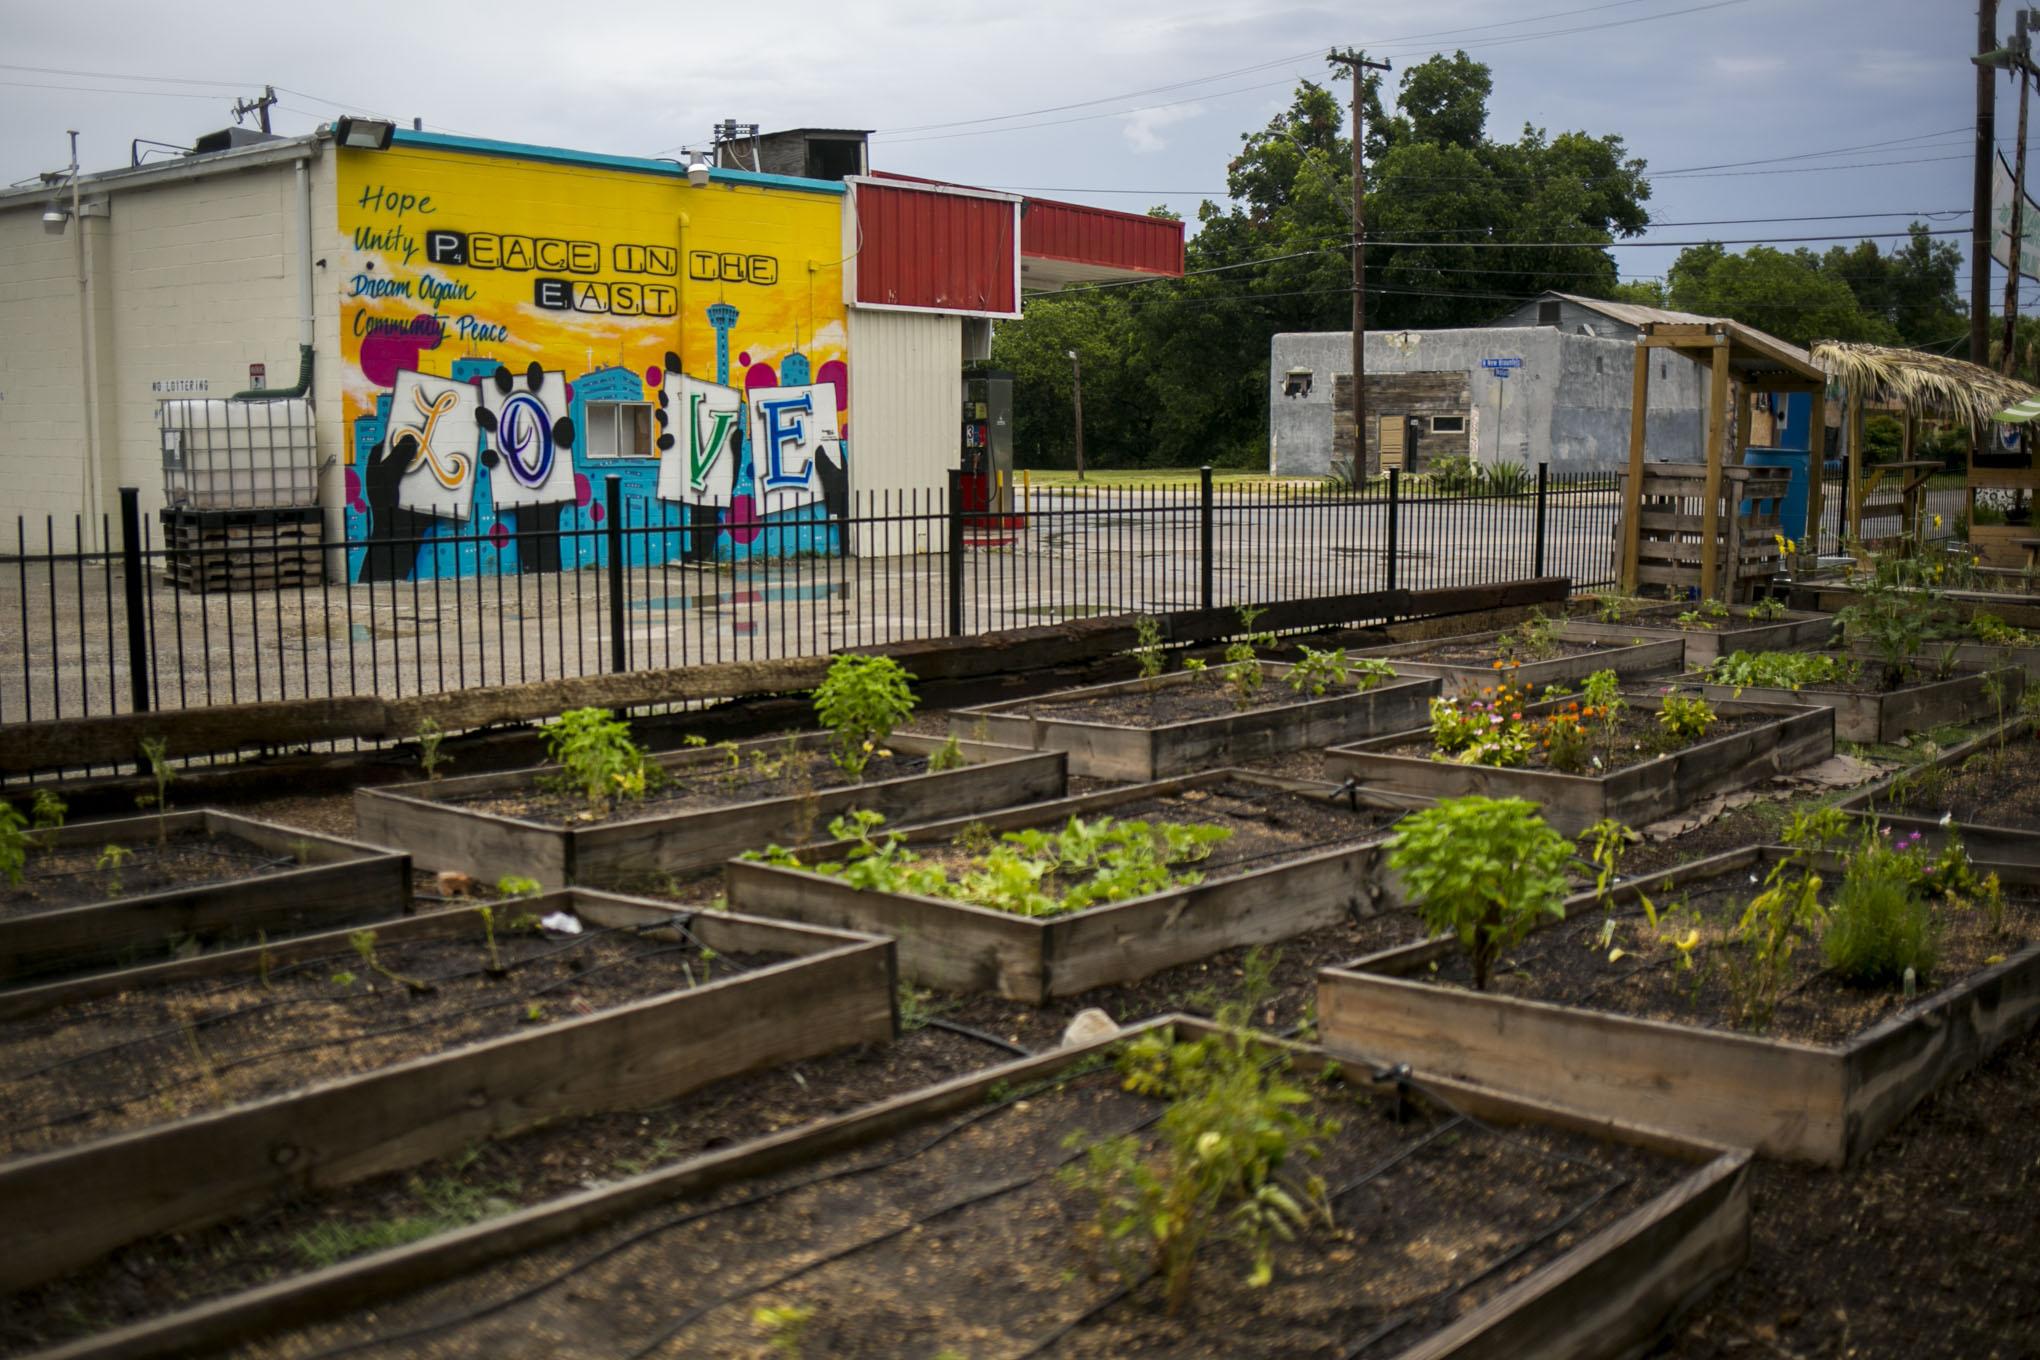 Gardopia Gardens is located at 619 N New Braunfels Ave. Photo by Kathryn Boyd-Batstone.